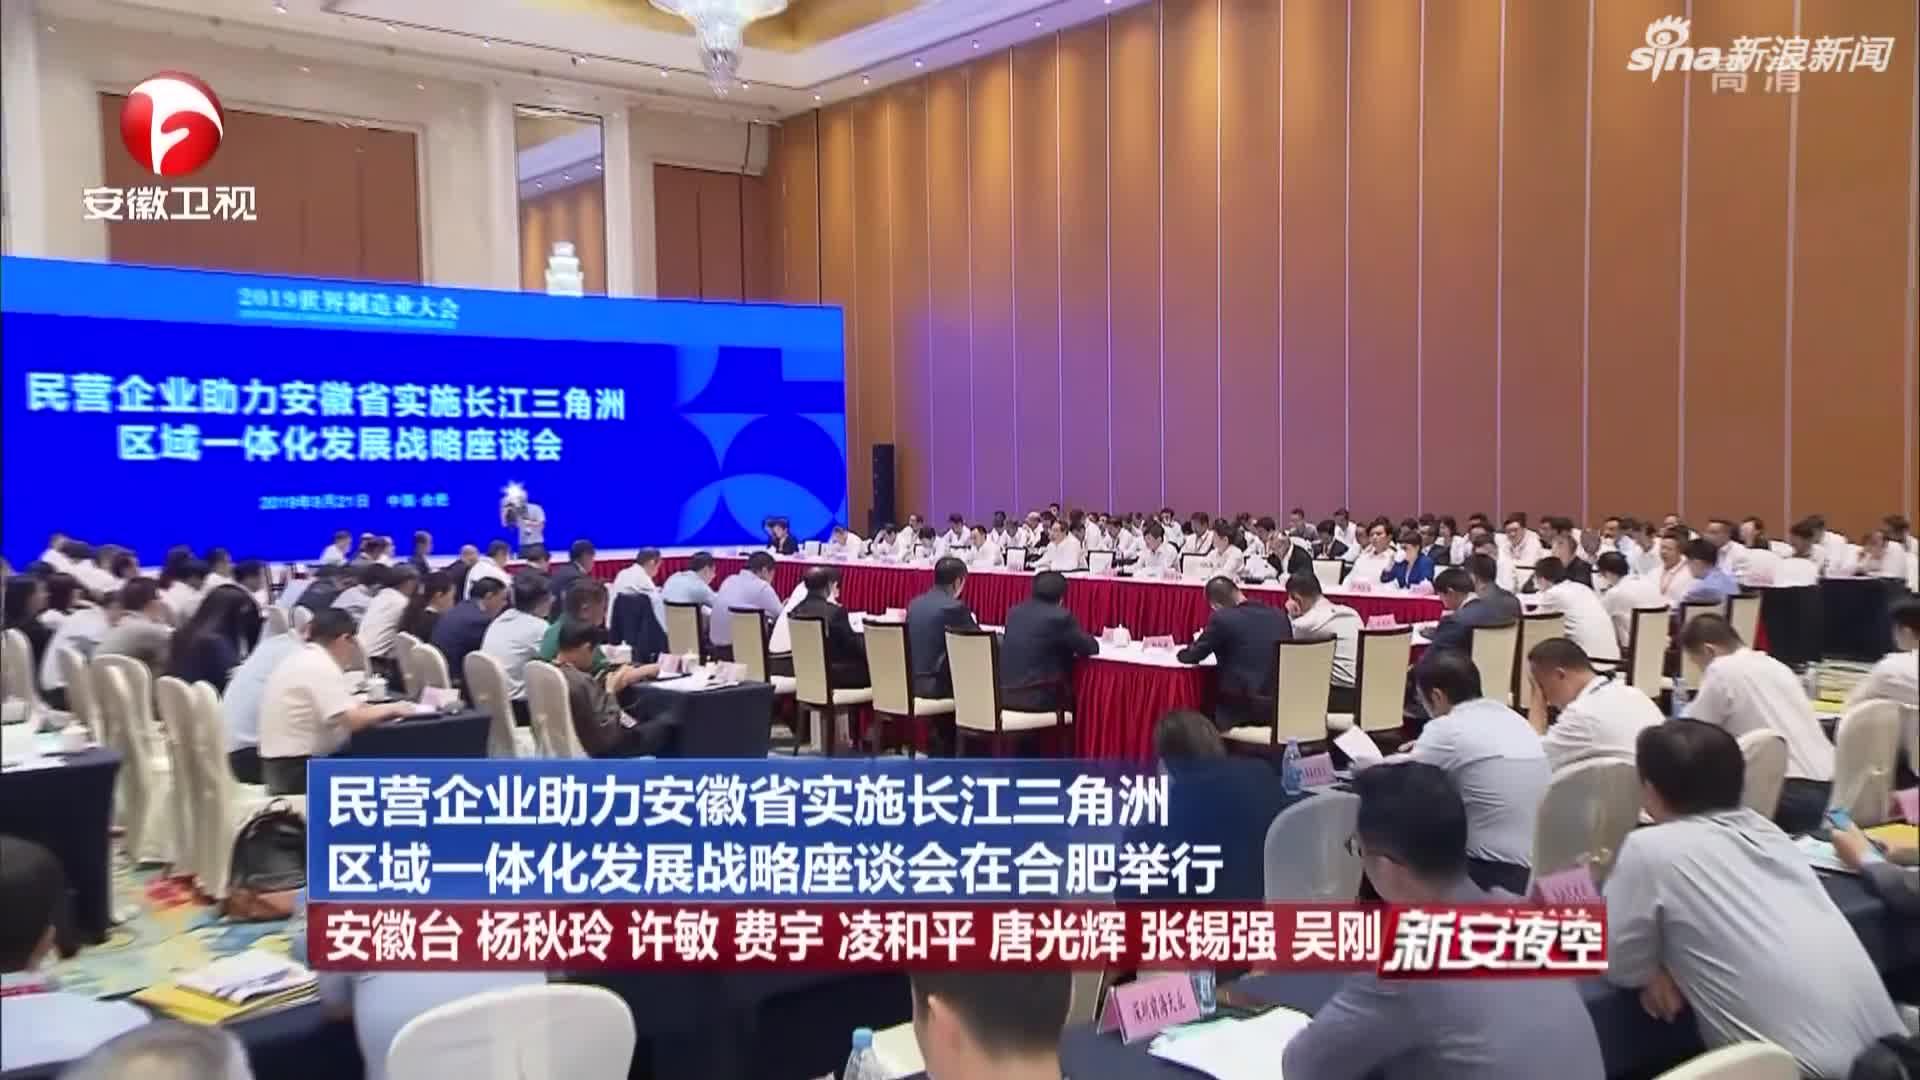 《新安夜空》民营企业助力安徽省实施长江三角洲区域一体化发展战略座谈会在合肥举行